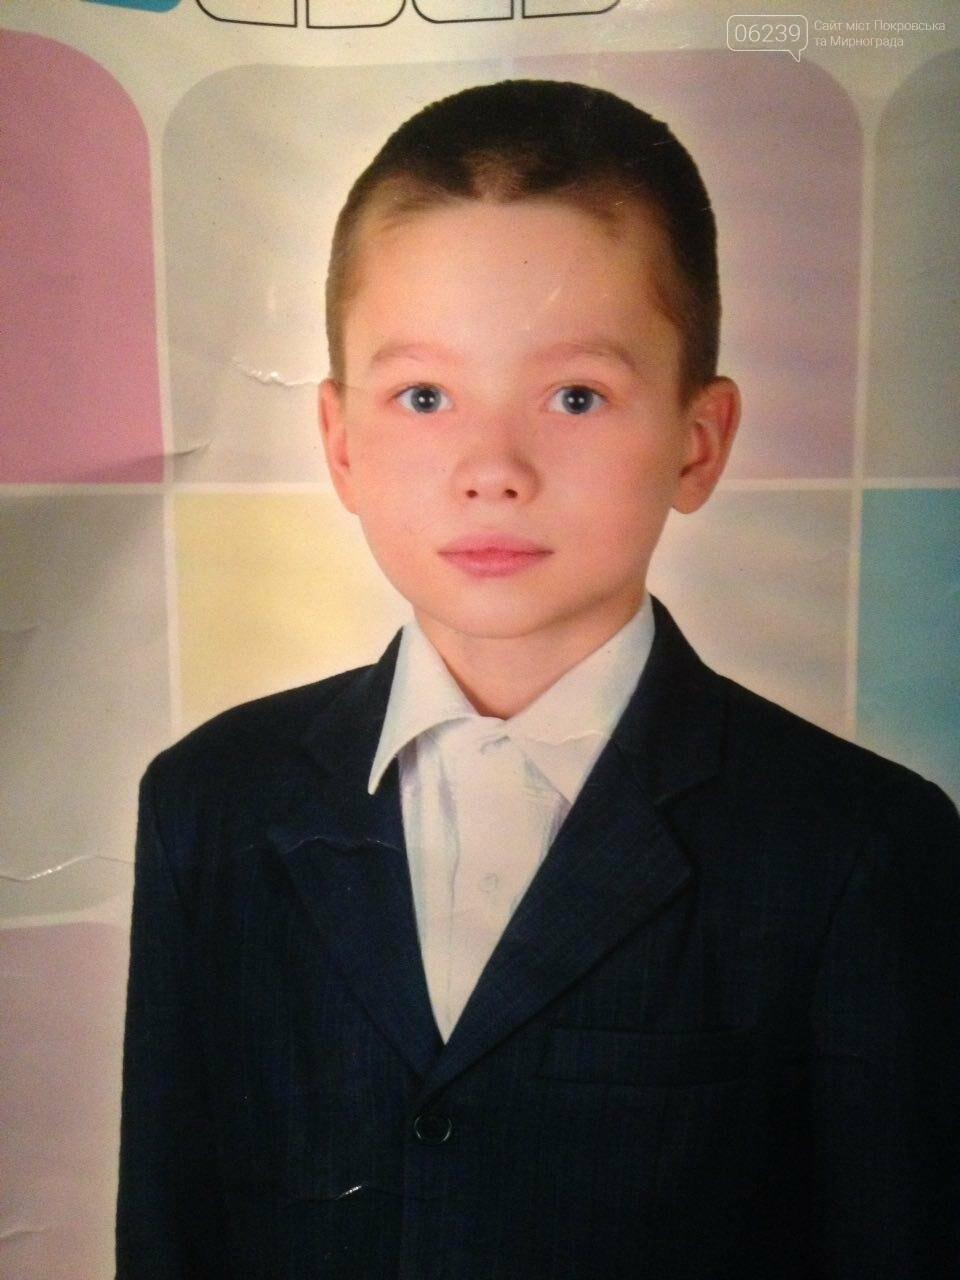 Допоможіть встановити місцезнаходження зниклої дитини, фото-1